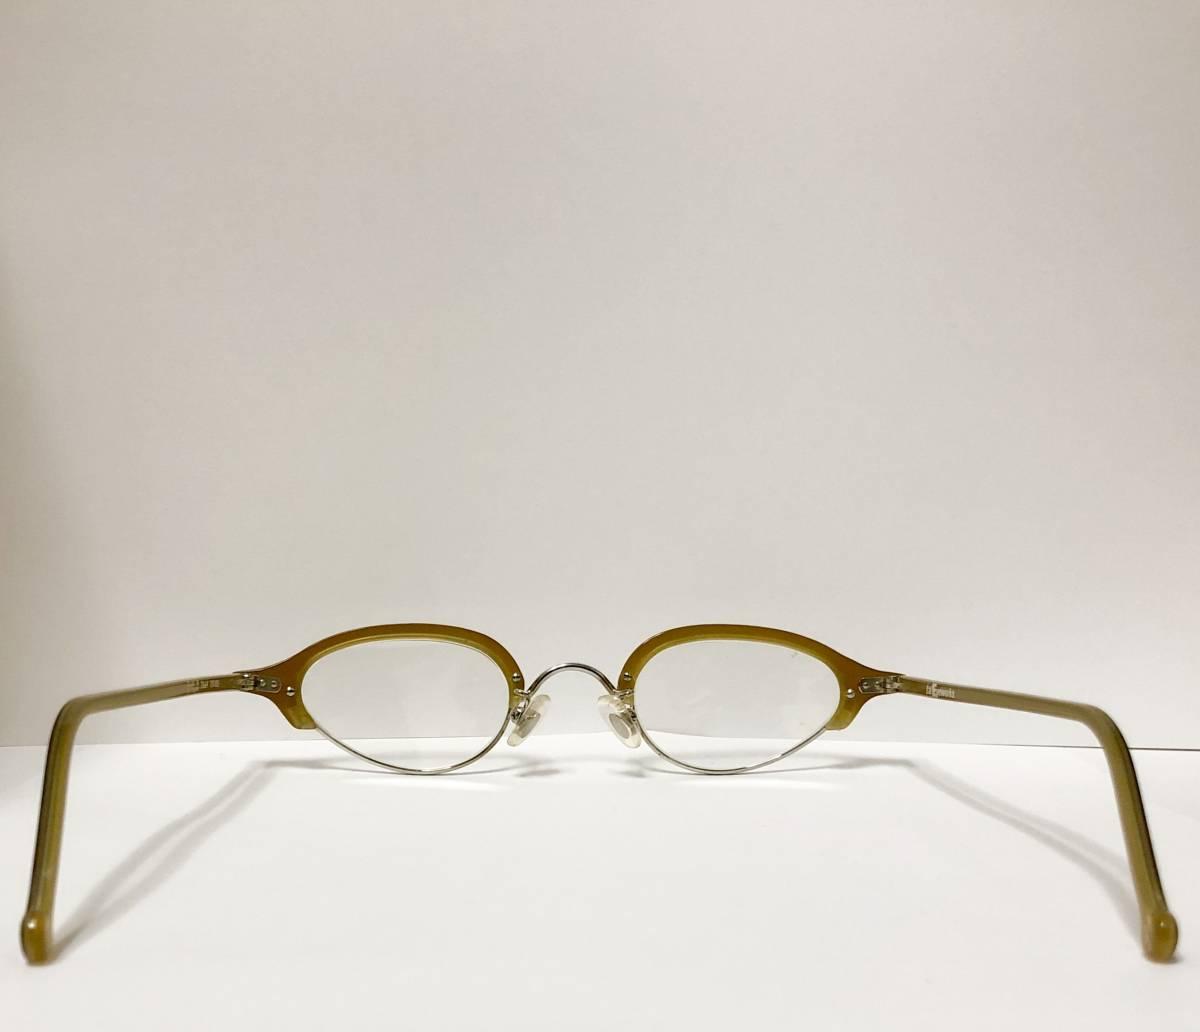 ビンテージ・新品】1990年代 l.a. Eyeworks イタリア製ティリー 茶色 高級メガネ エルエーアイワークス /ヴィンテージ 米国ブランド_画像7